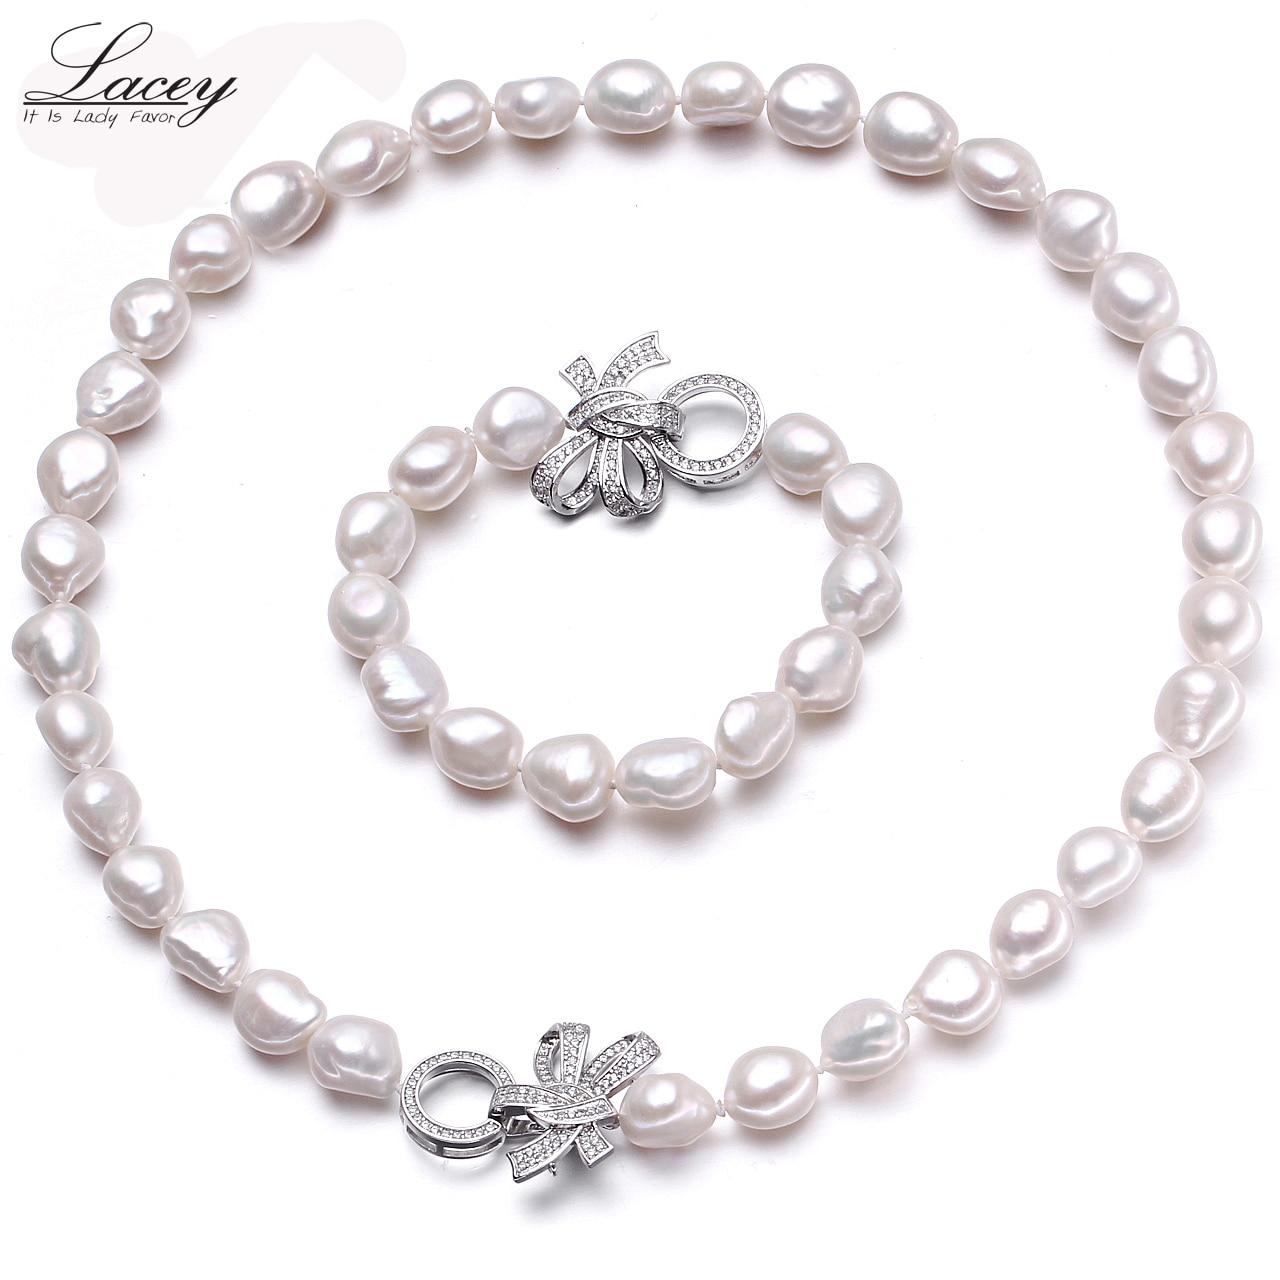 Naturale d'acqua dolce perla parure di gioielli da donna baroque10-11mm pearl set gioielli bracciale collana fine jewelry